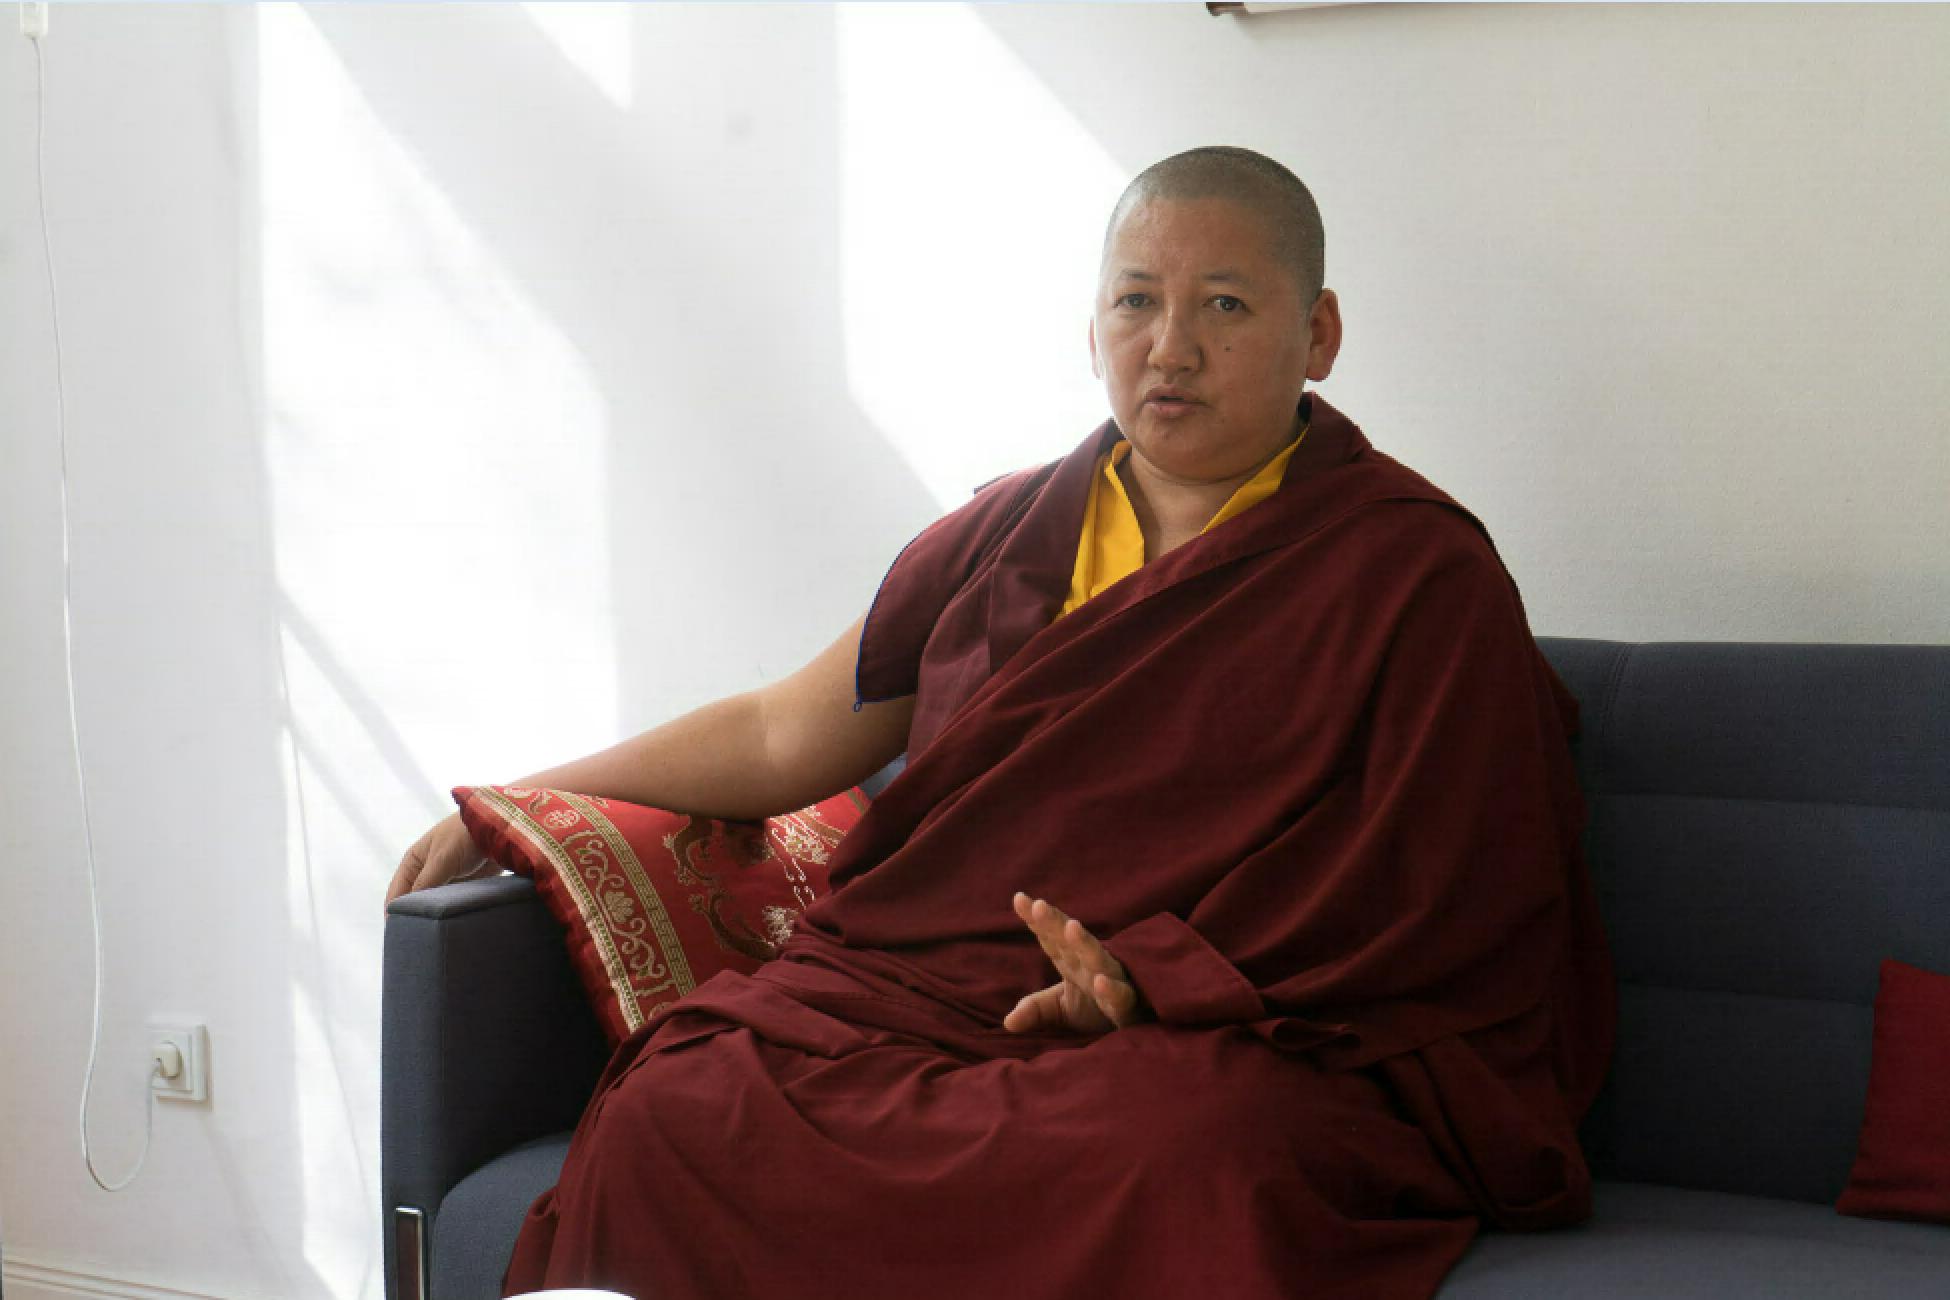 Khandro Rinpoche, Treffen mit der Gemeinschaft, 25. April 2018, Dharma Mati Berlin